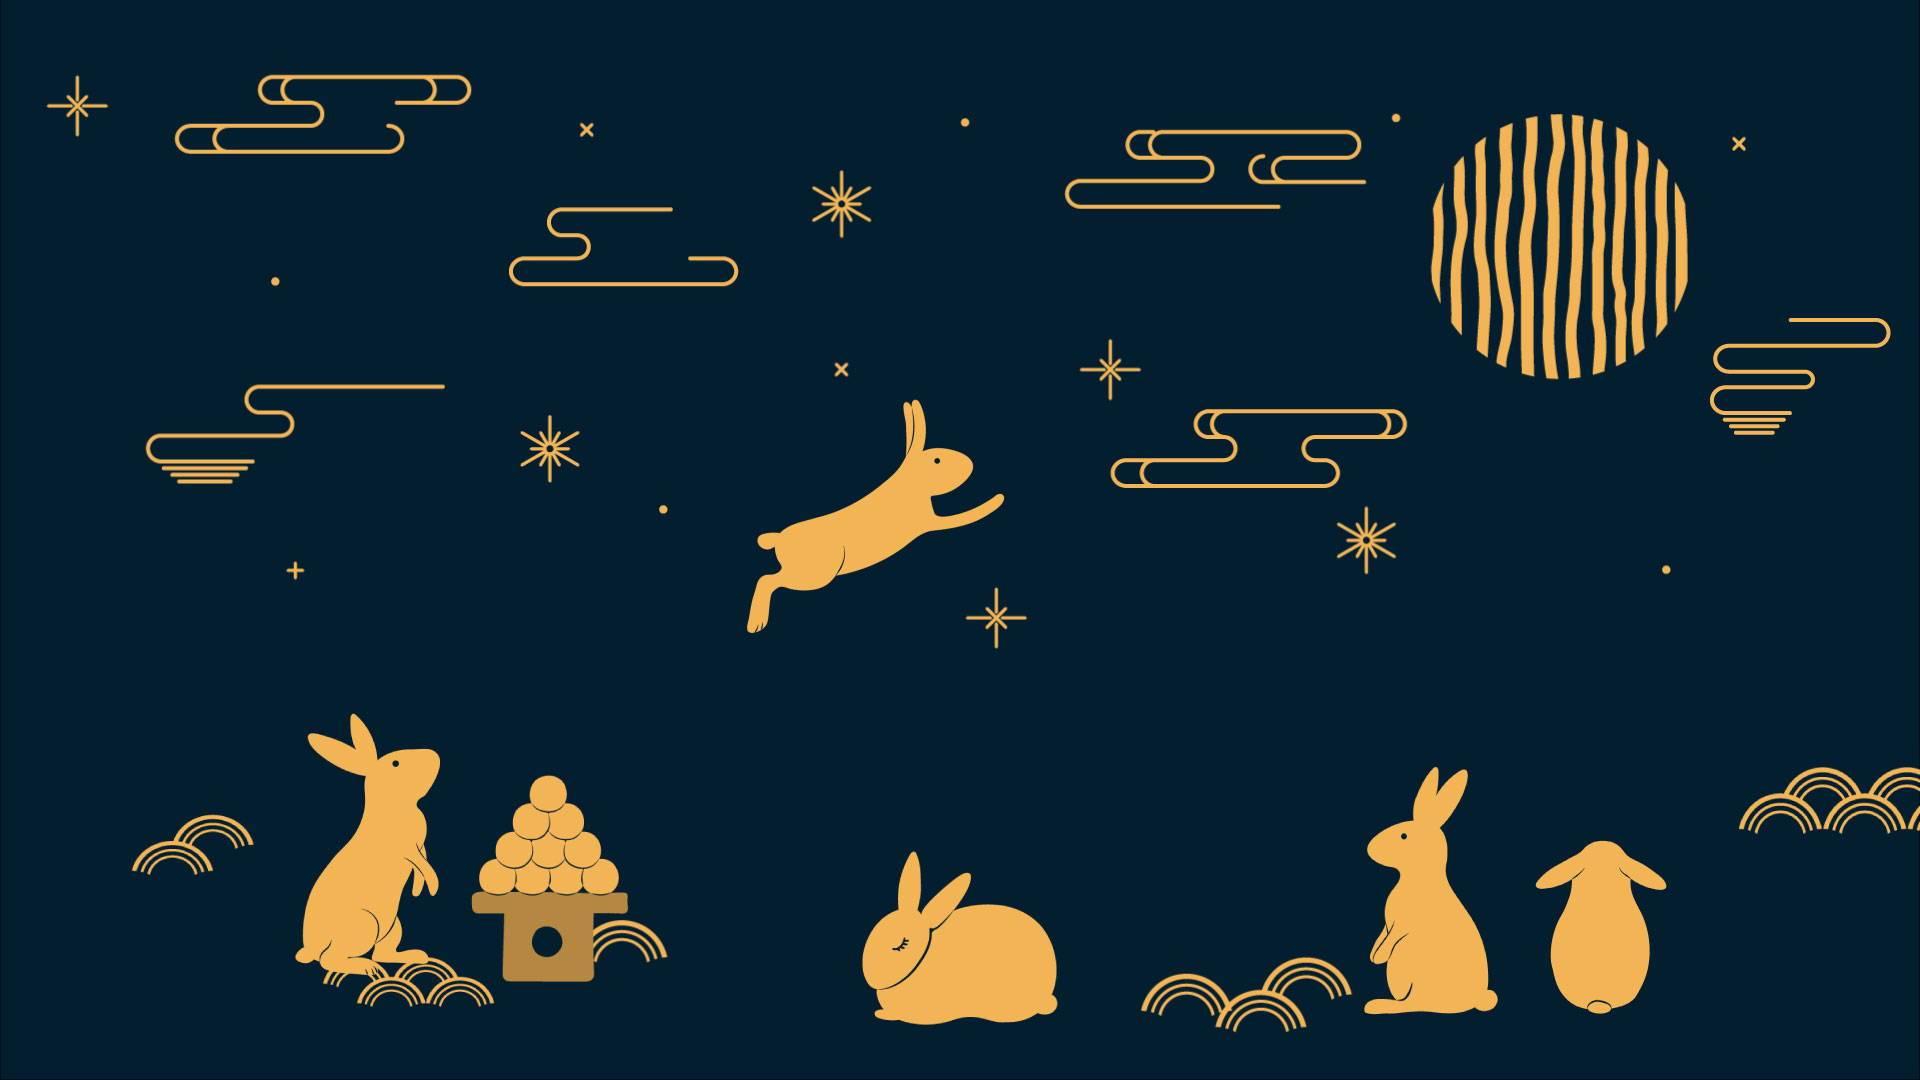 Japanese Otsukimi Folktale The Rabbit on the Moon Bokksu 1920x1080